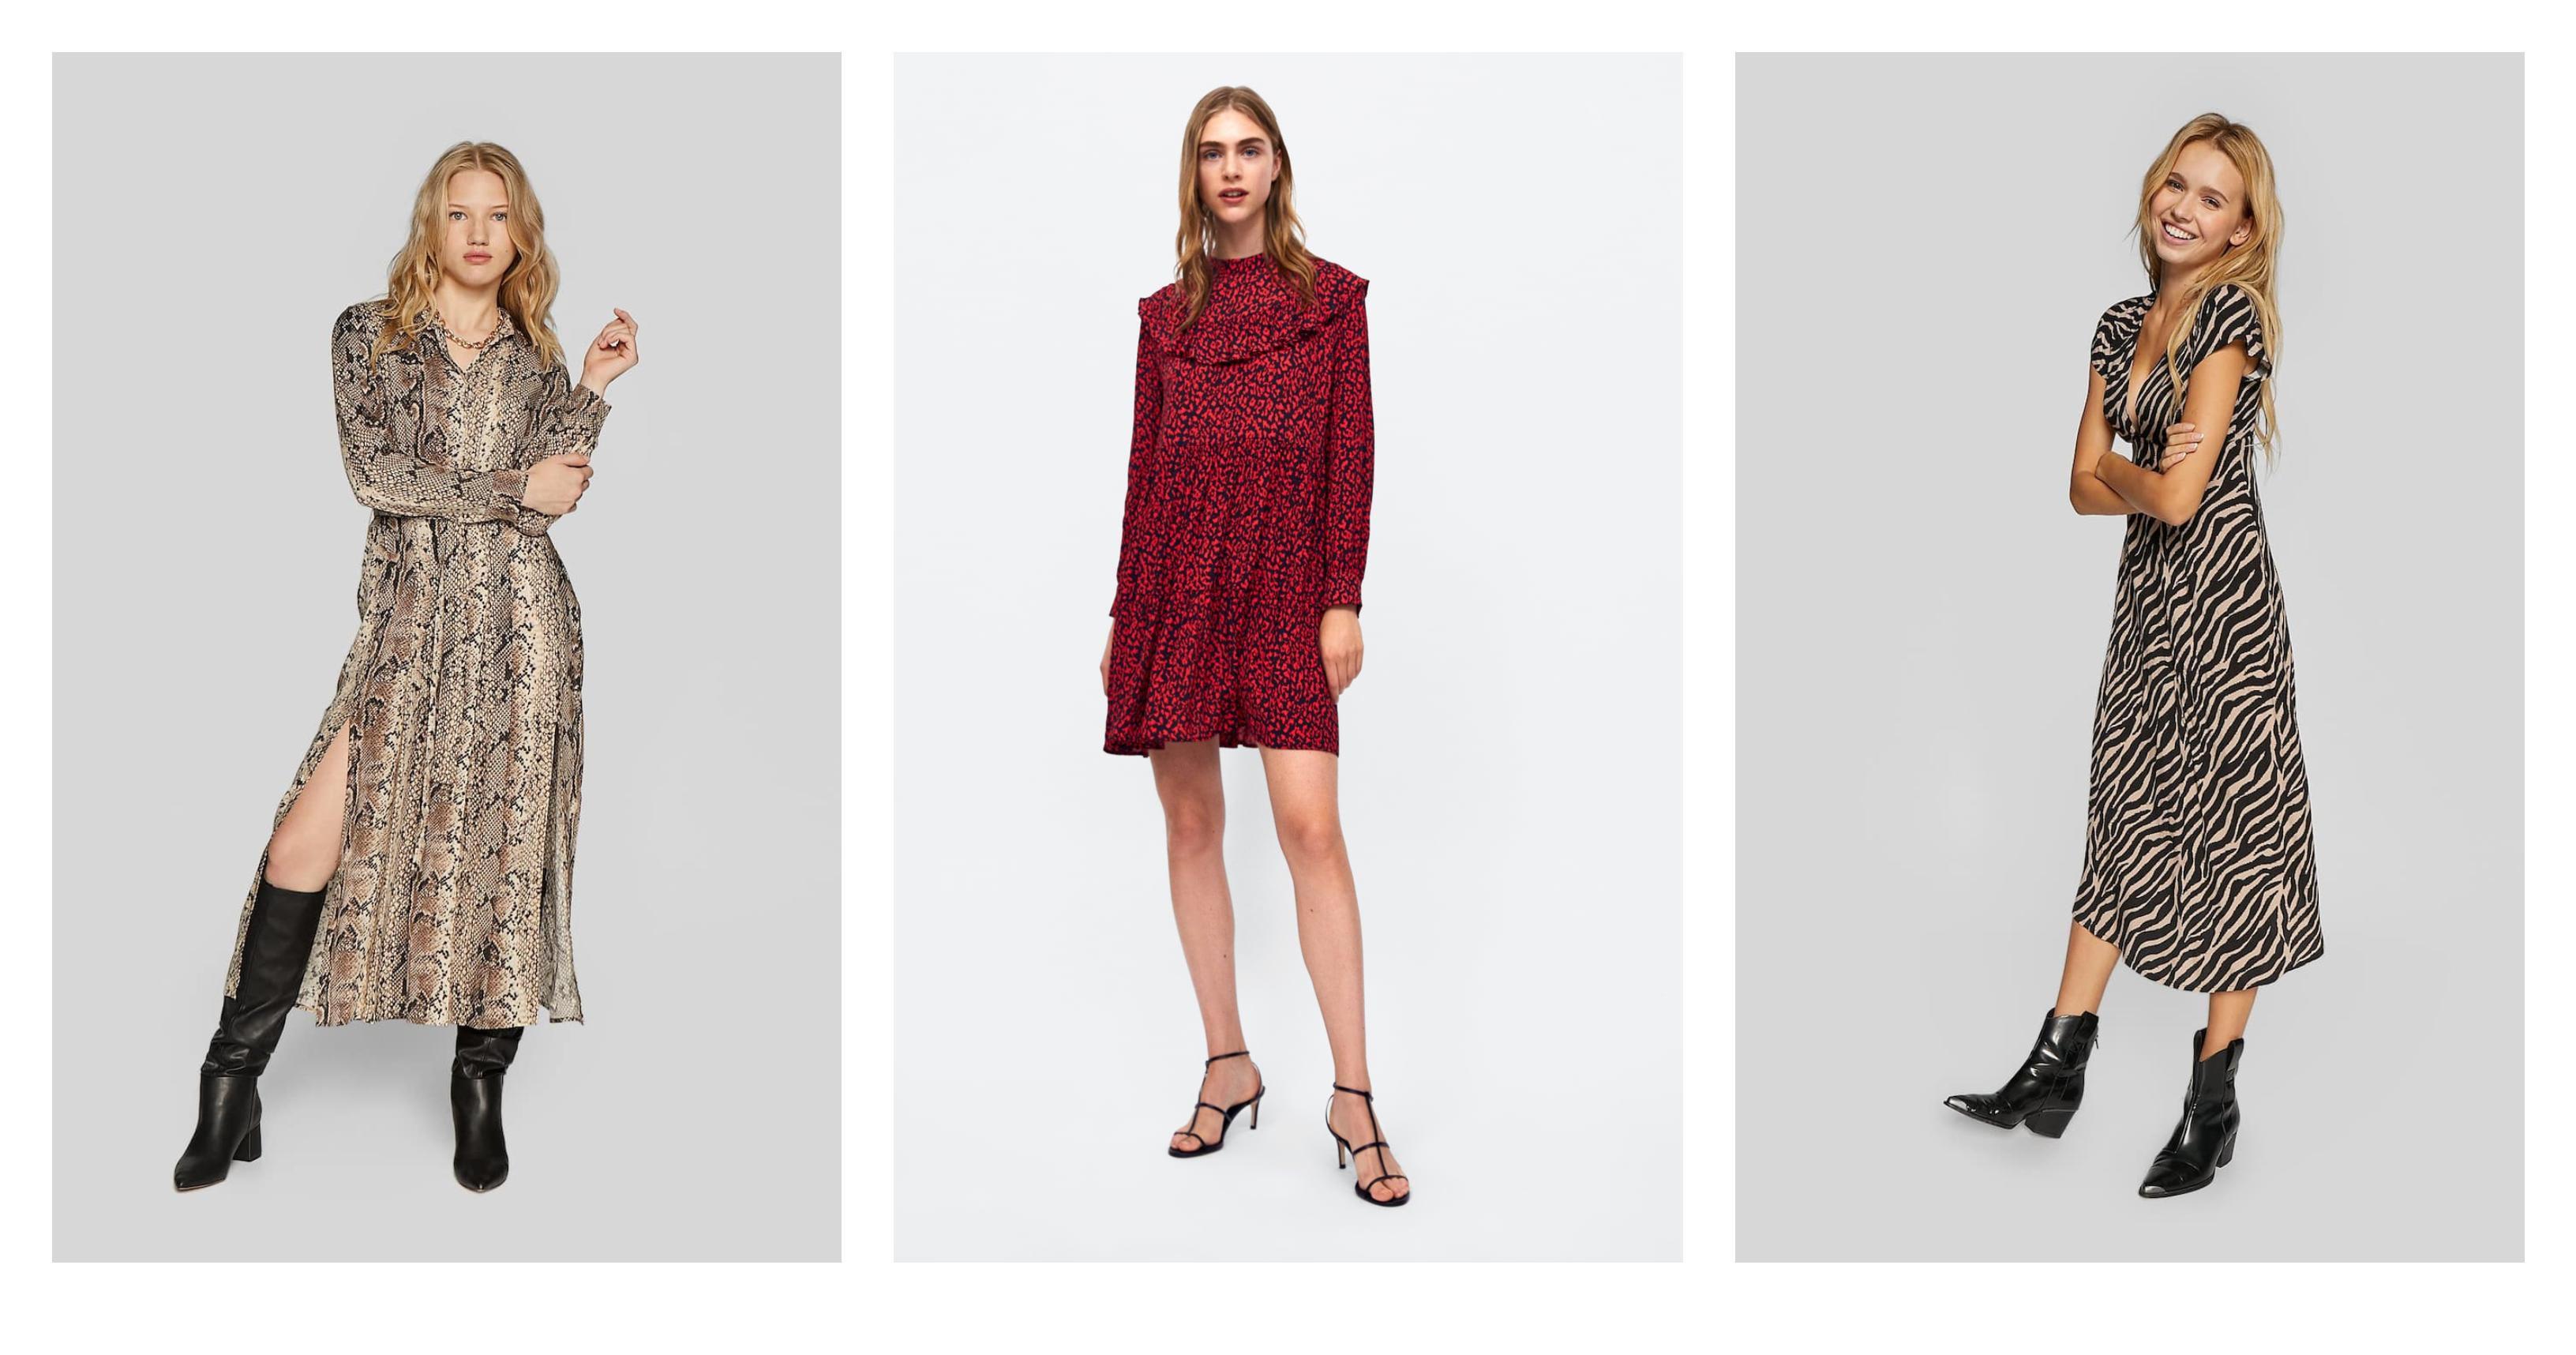 Životinjski uzorci najveći su hit ove sezone: Izabrali smo najljepše haljine iz high street ponude